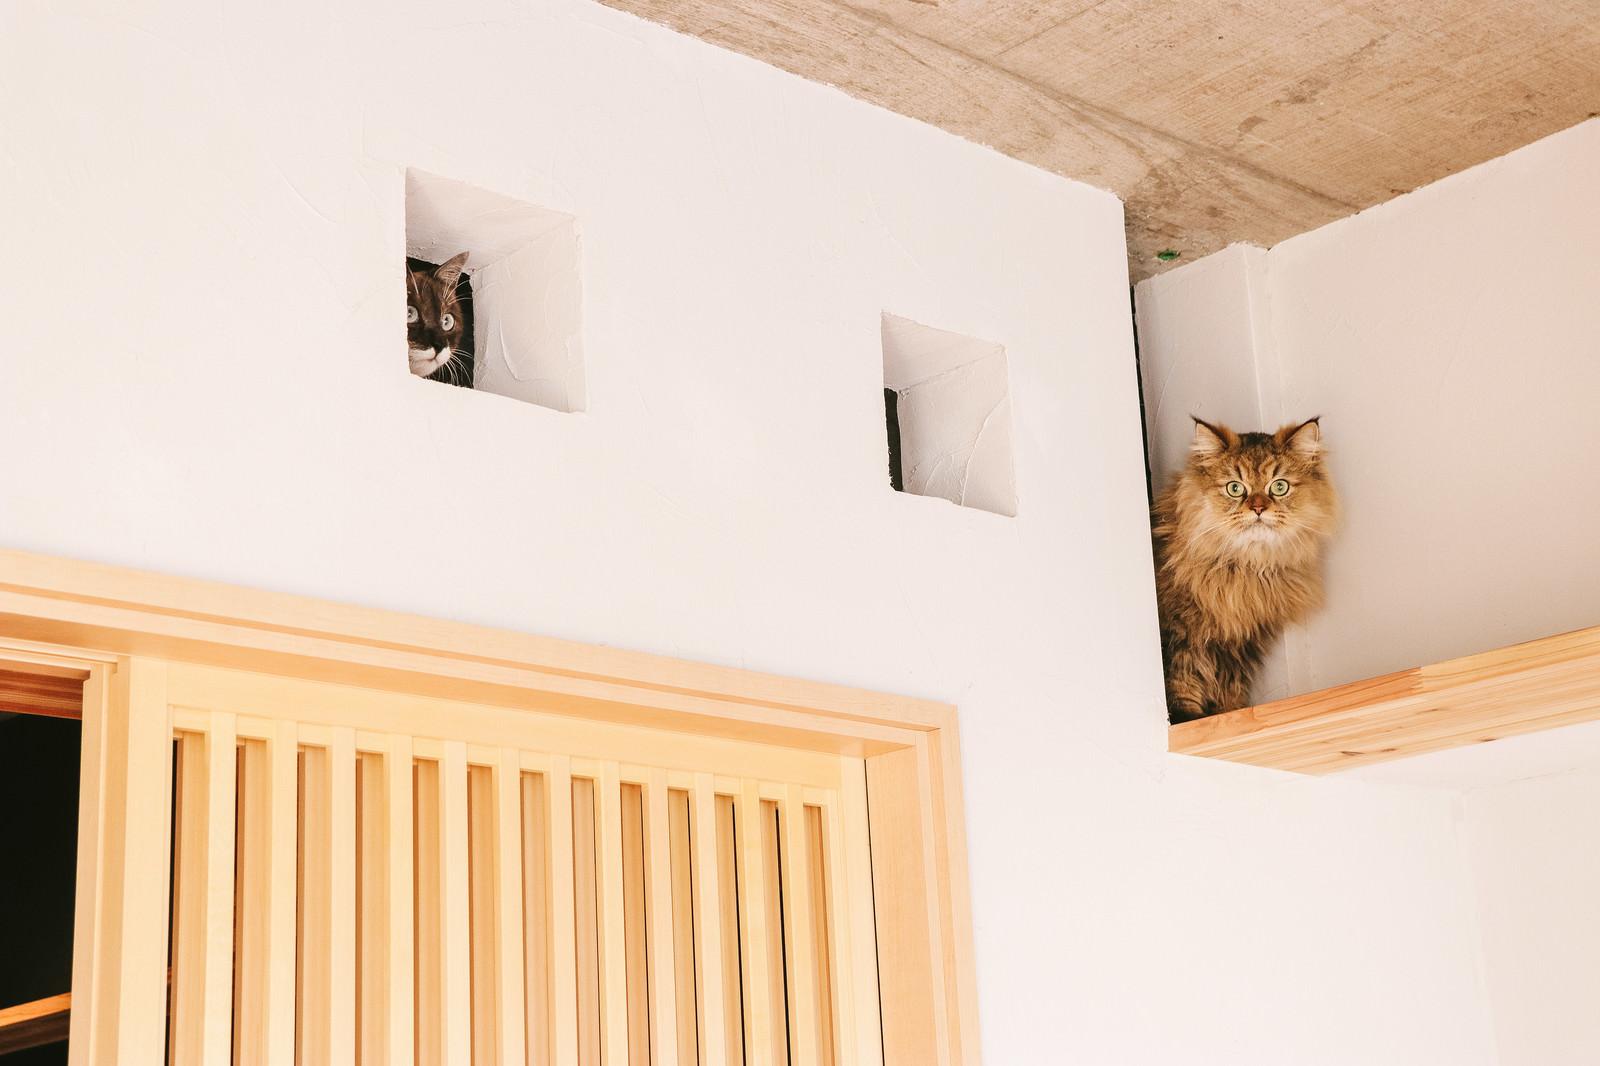 「いたずらがバレた時の猫の表情を御覧ください」の写真